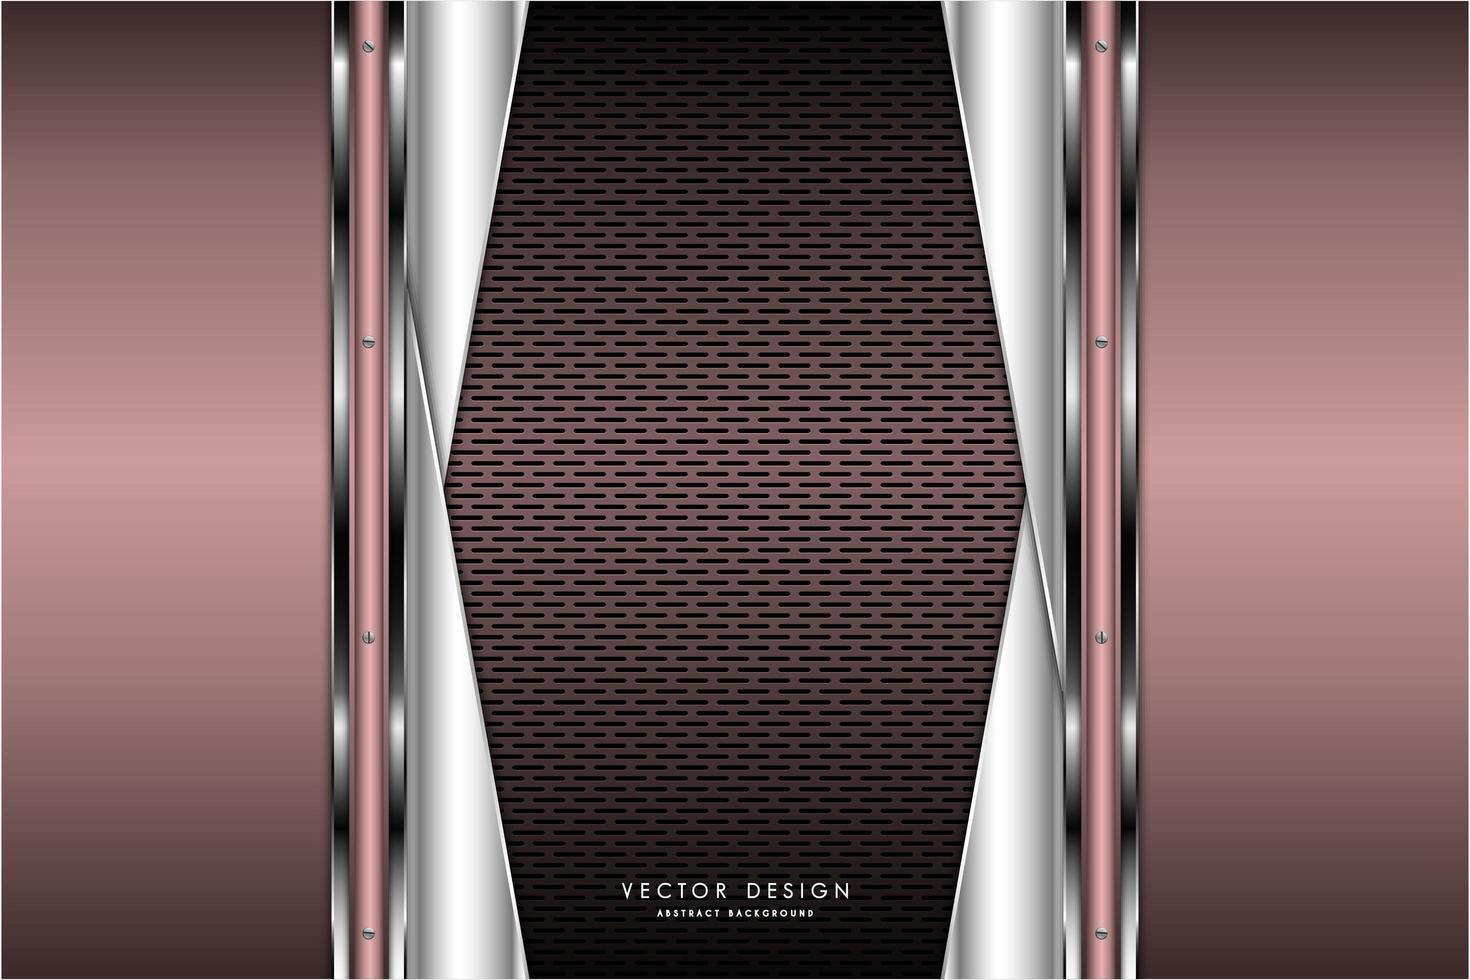 Metallic Pink und Silber Design mit brauner Kohlefaser vektor